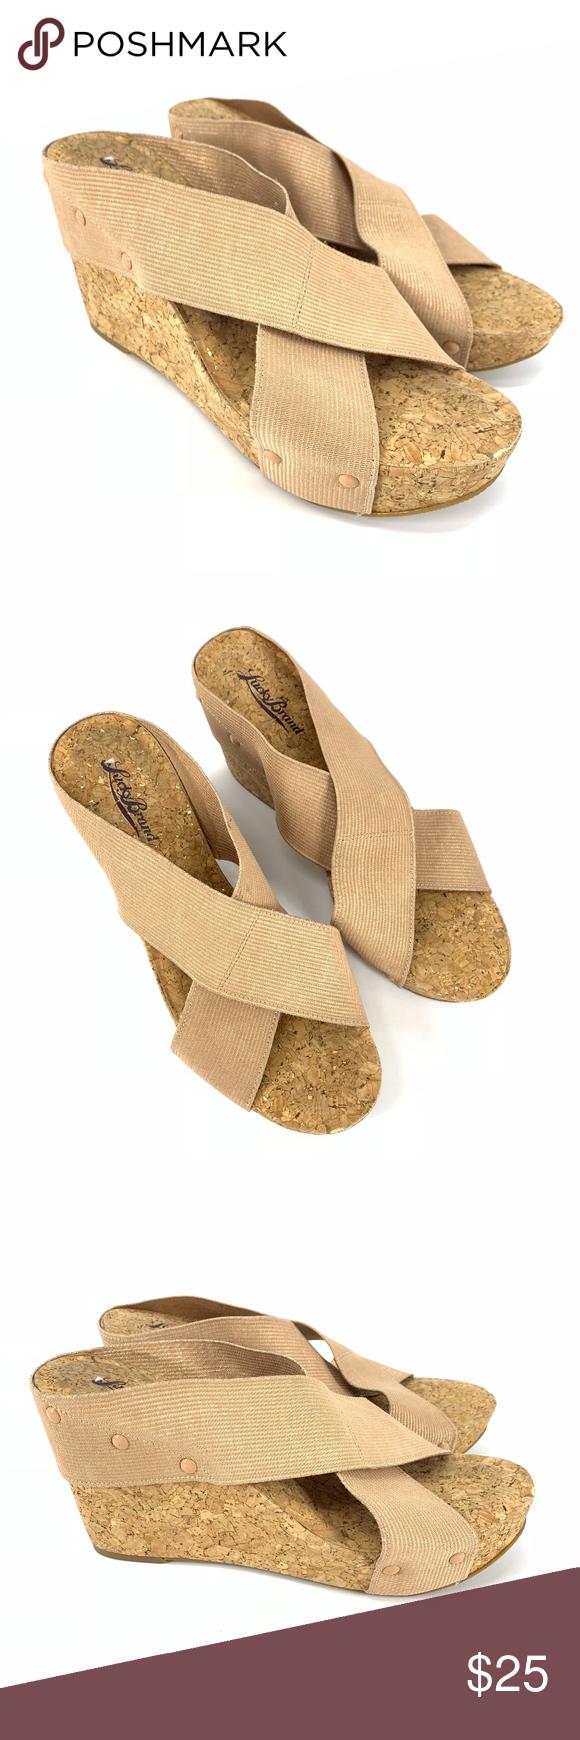 0f418042505a2d Lucky Brand Miller 2 Cork Wedge Sandals Lucky Brand miller 2 cork wedge  sandals. Women s